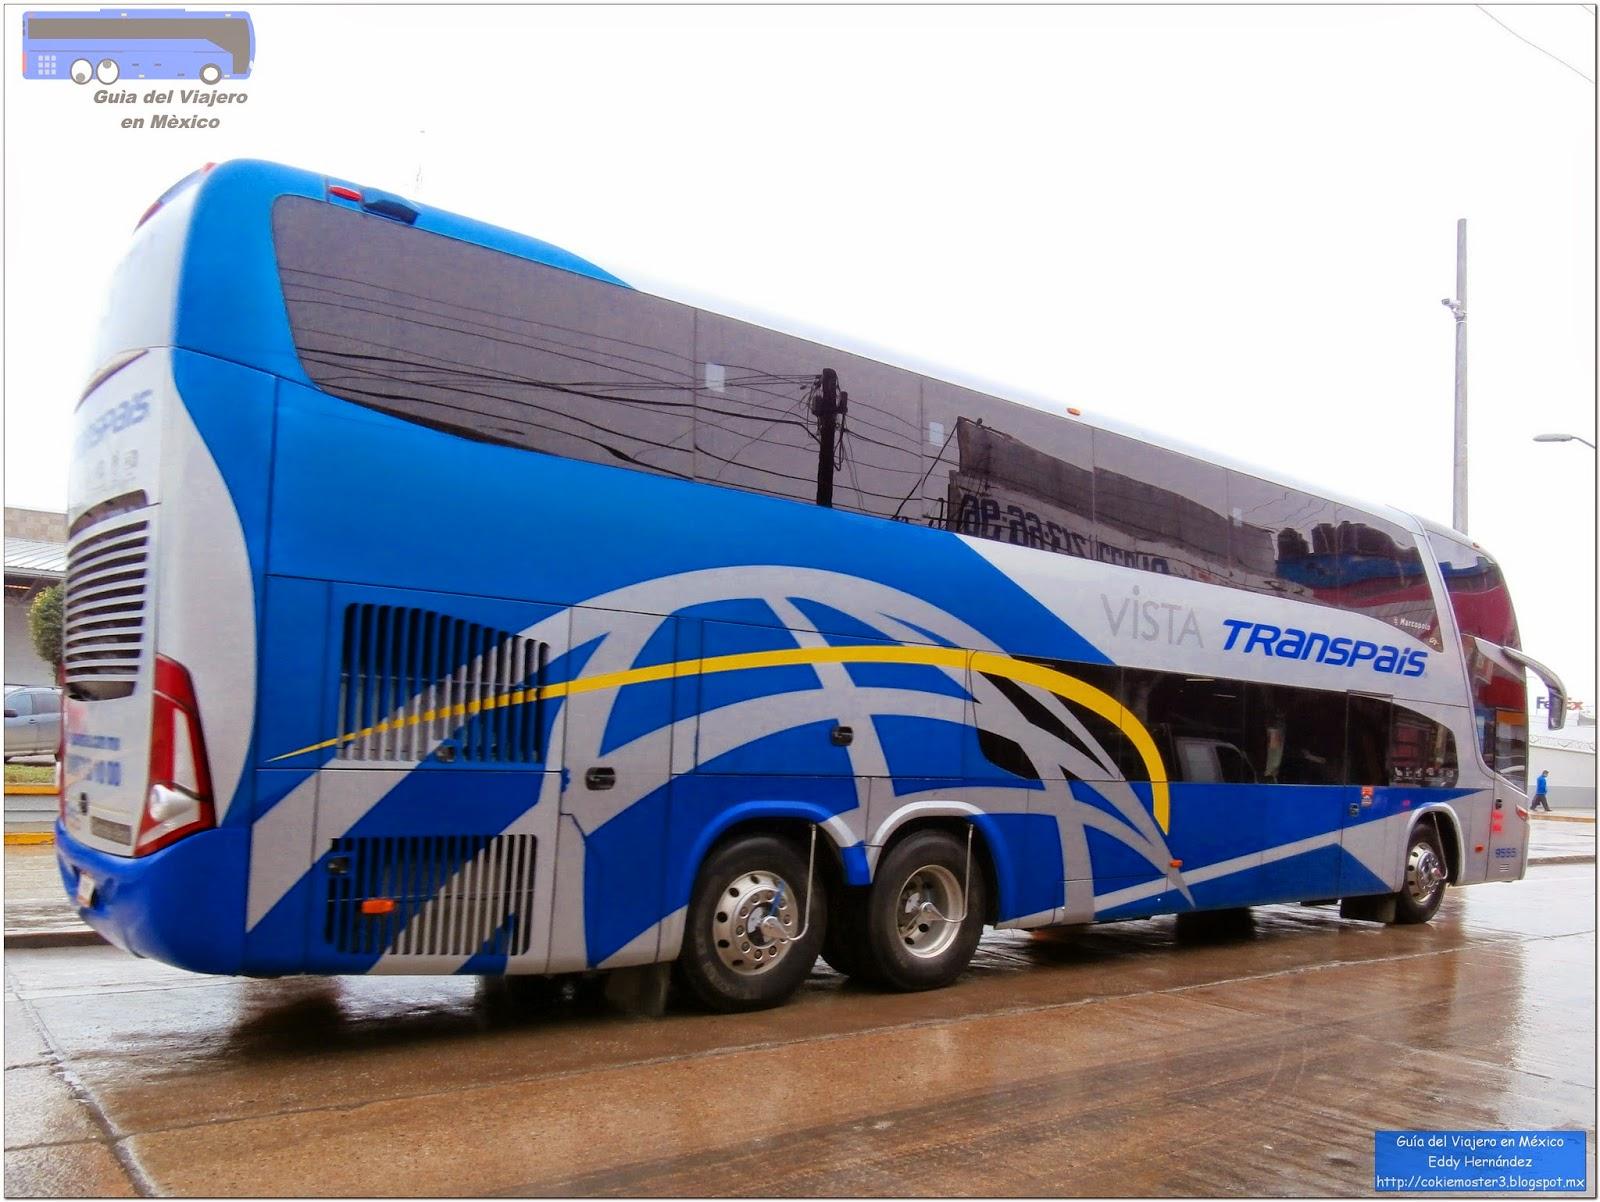 Gu a del viajero en m xico l neas con autobuses de dos pisos en m xico - Autobuses de dos pisos ...